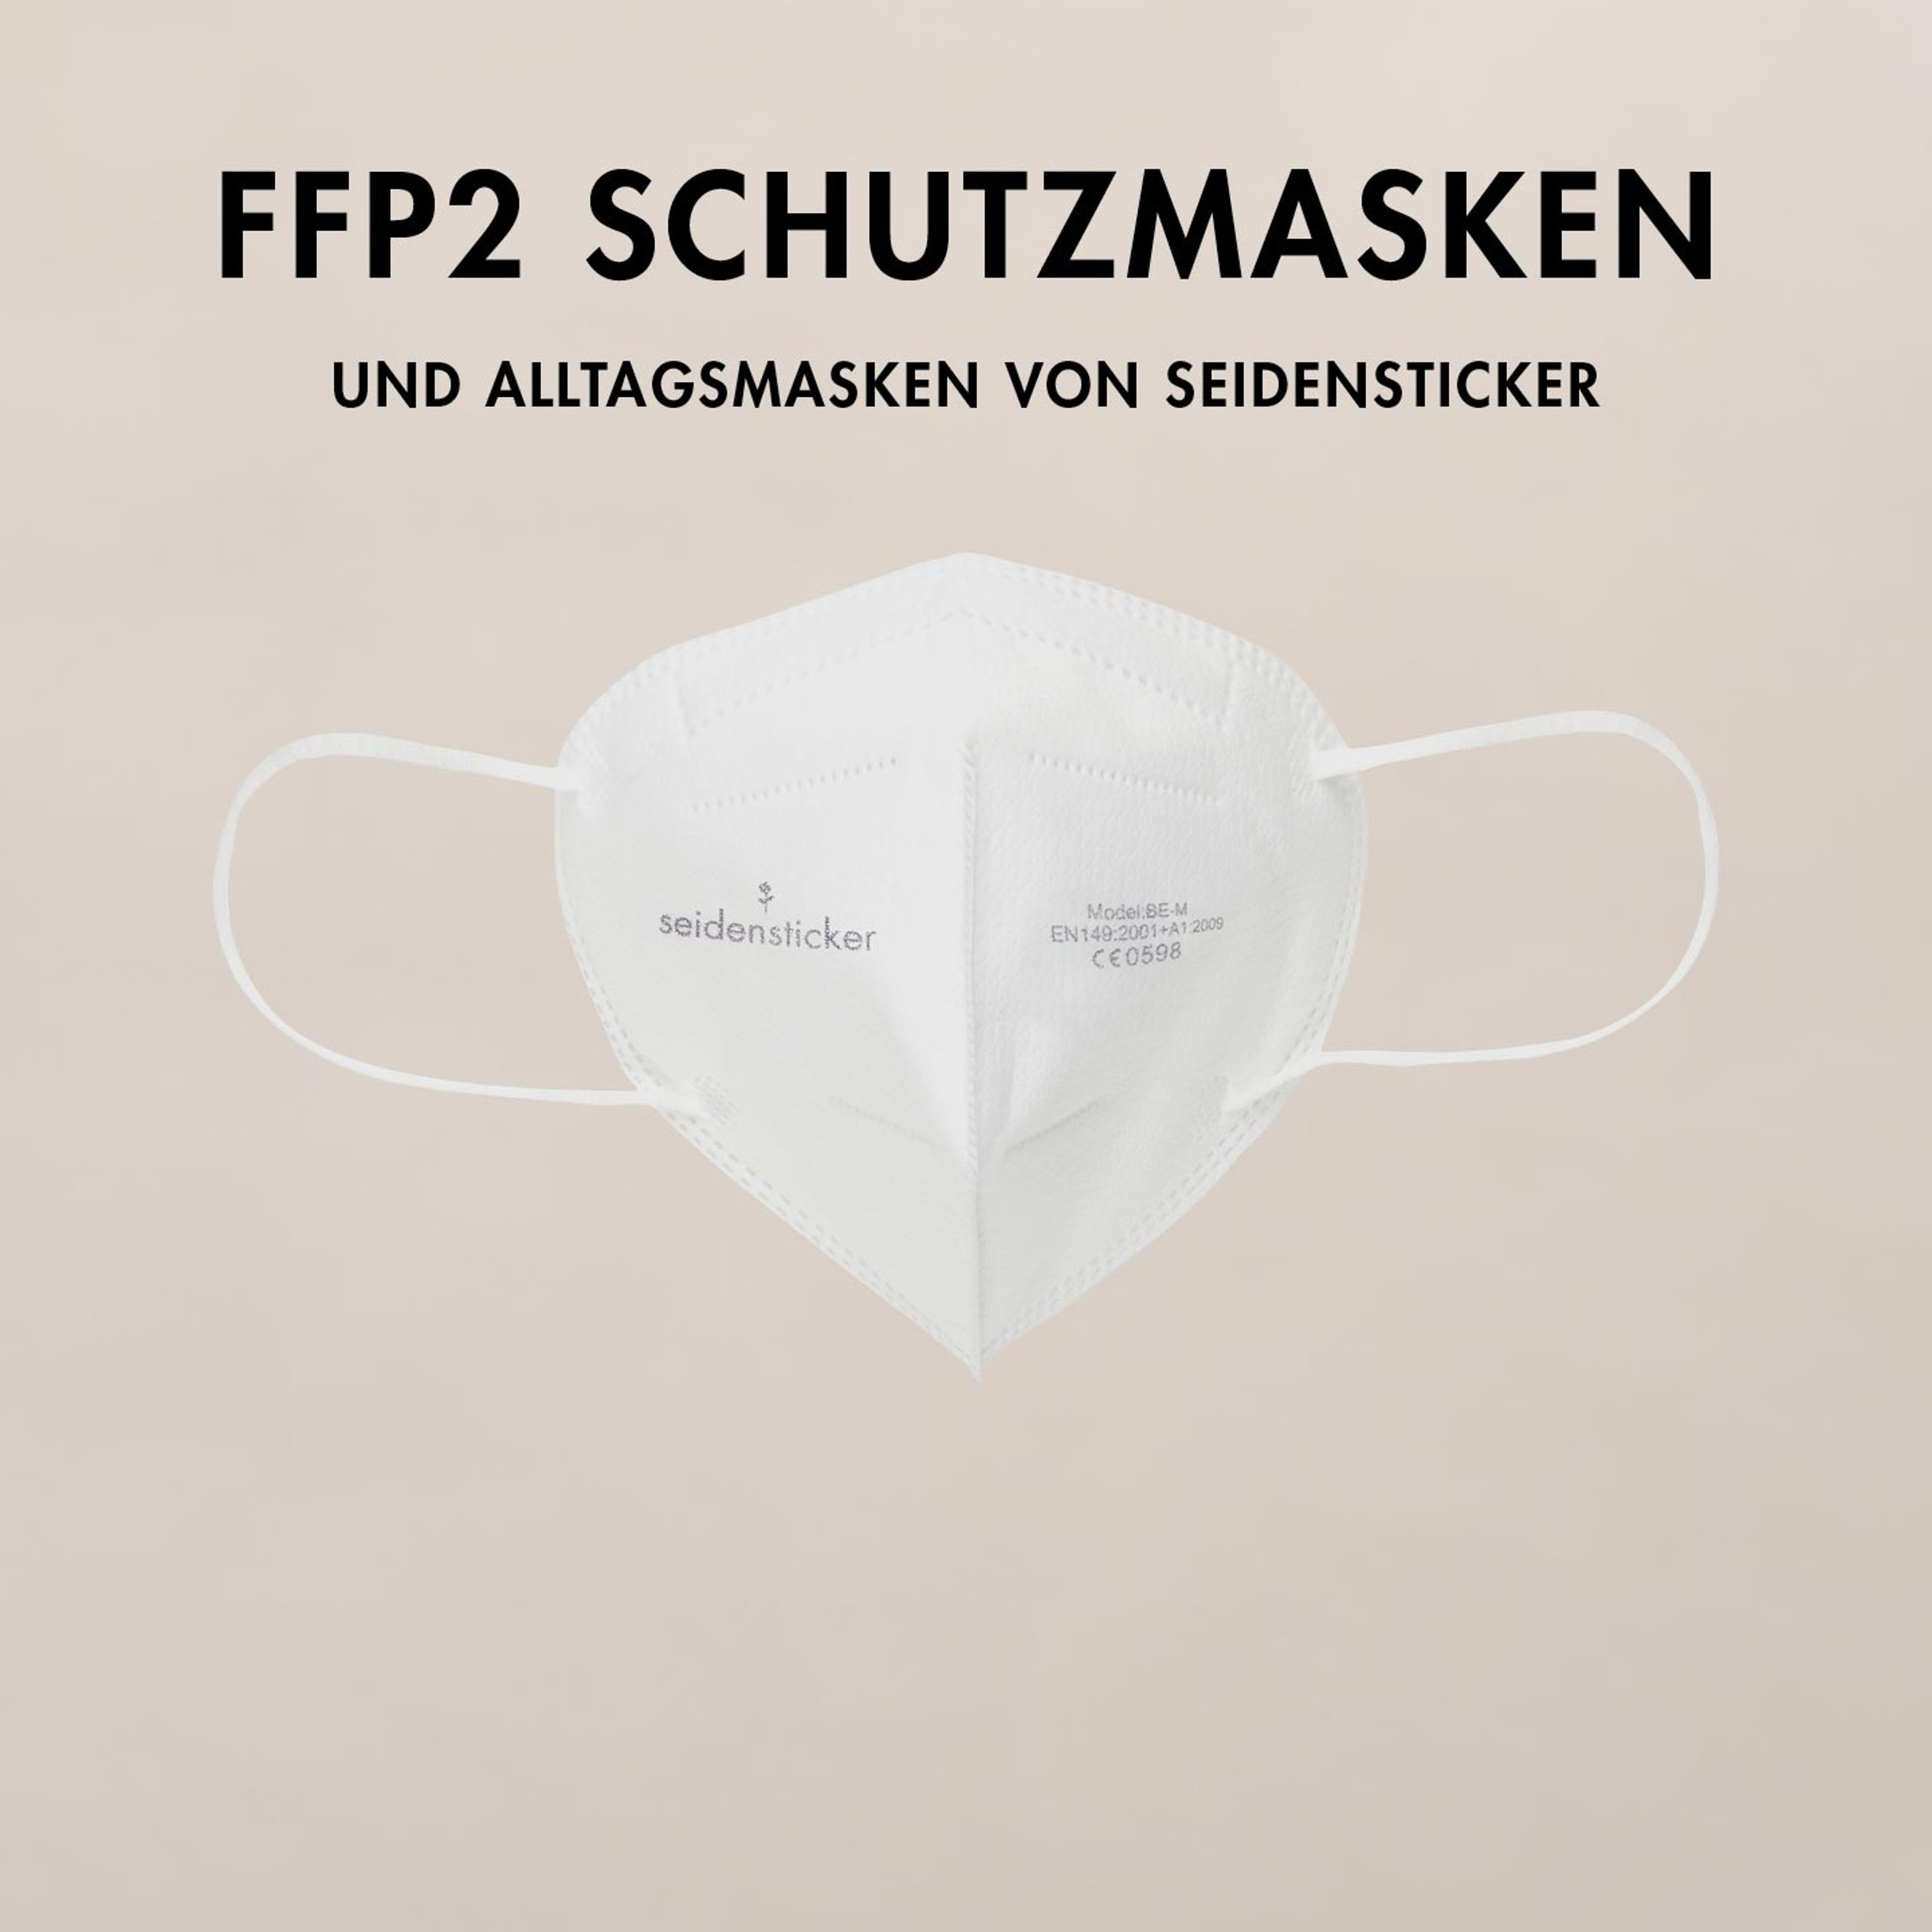 FFP2 Schutzmasken und Alltagsmasken | Seidensticker